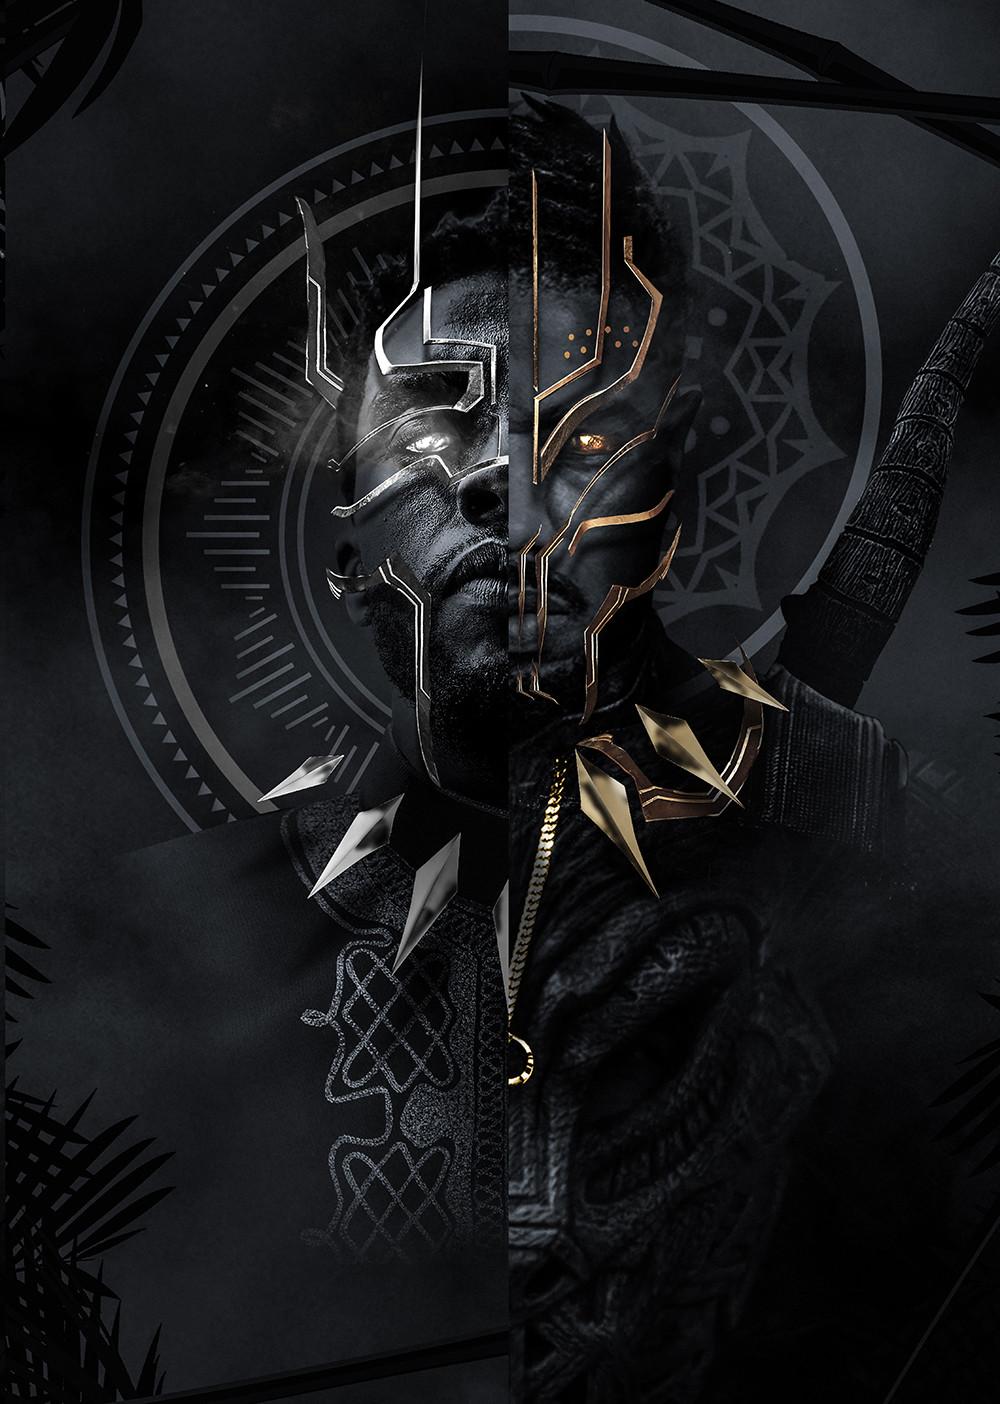 Kode lgx kill king